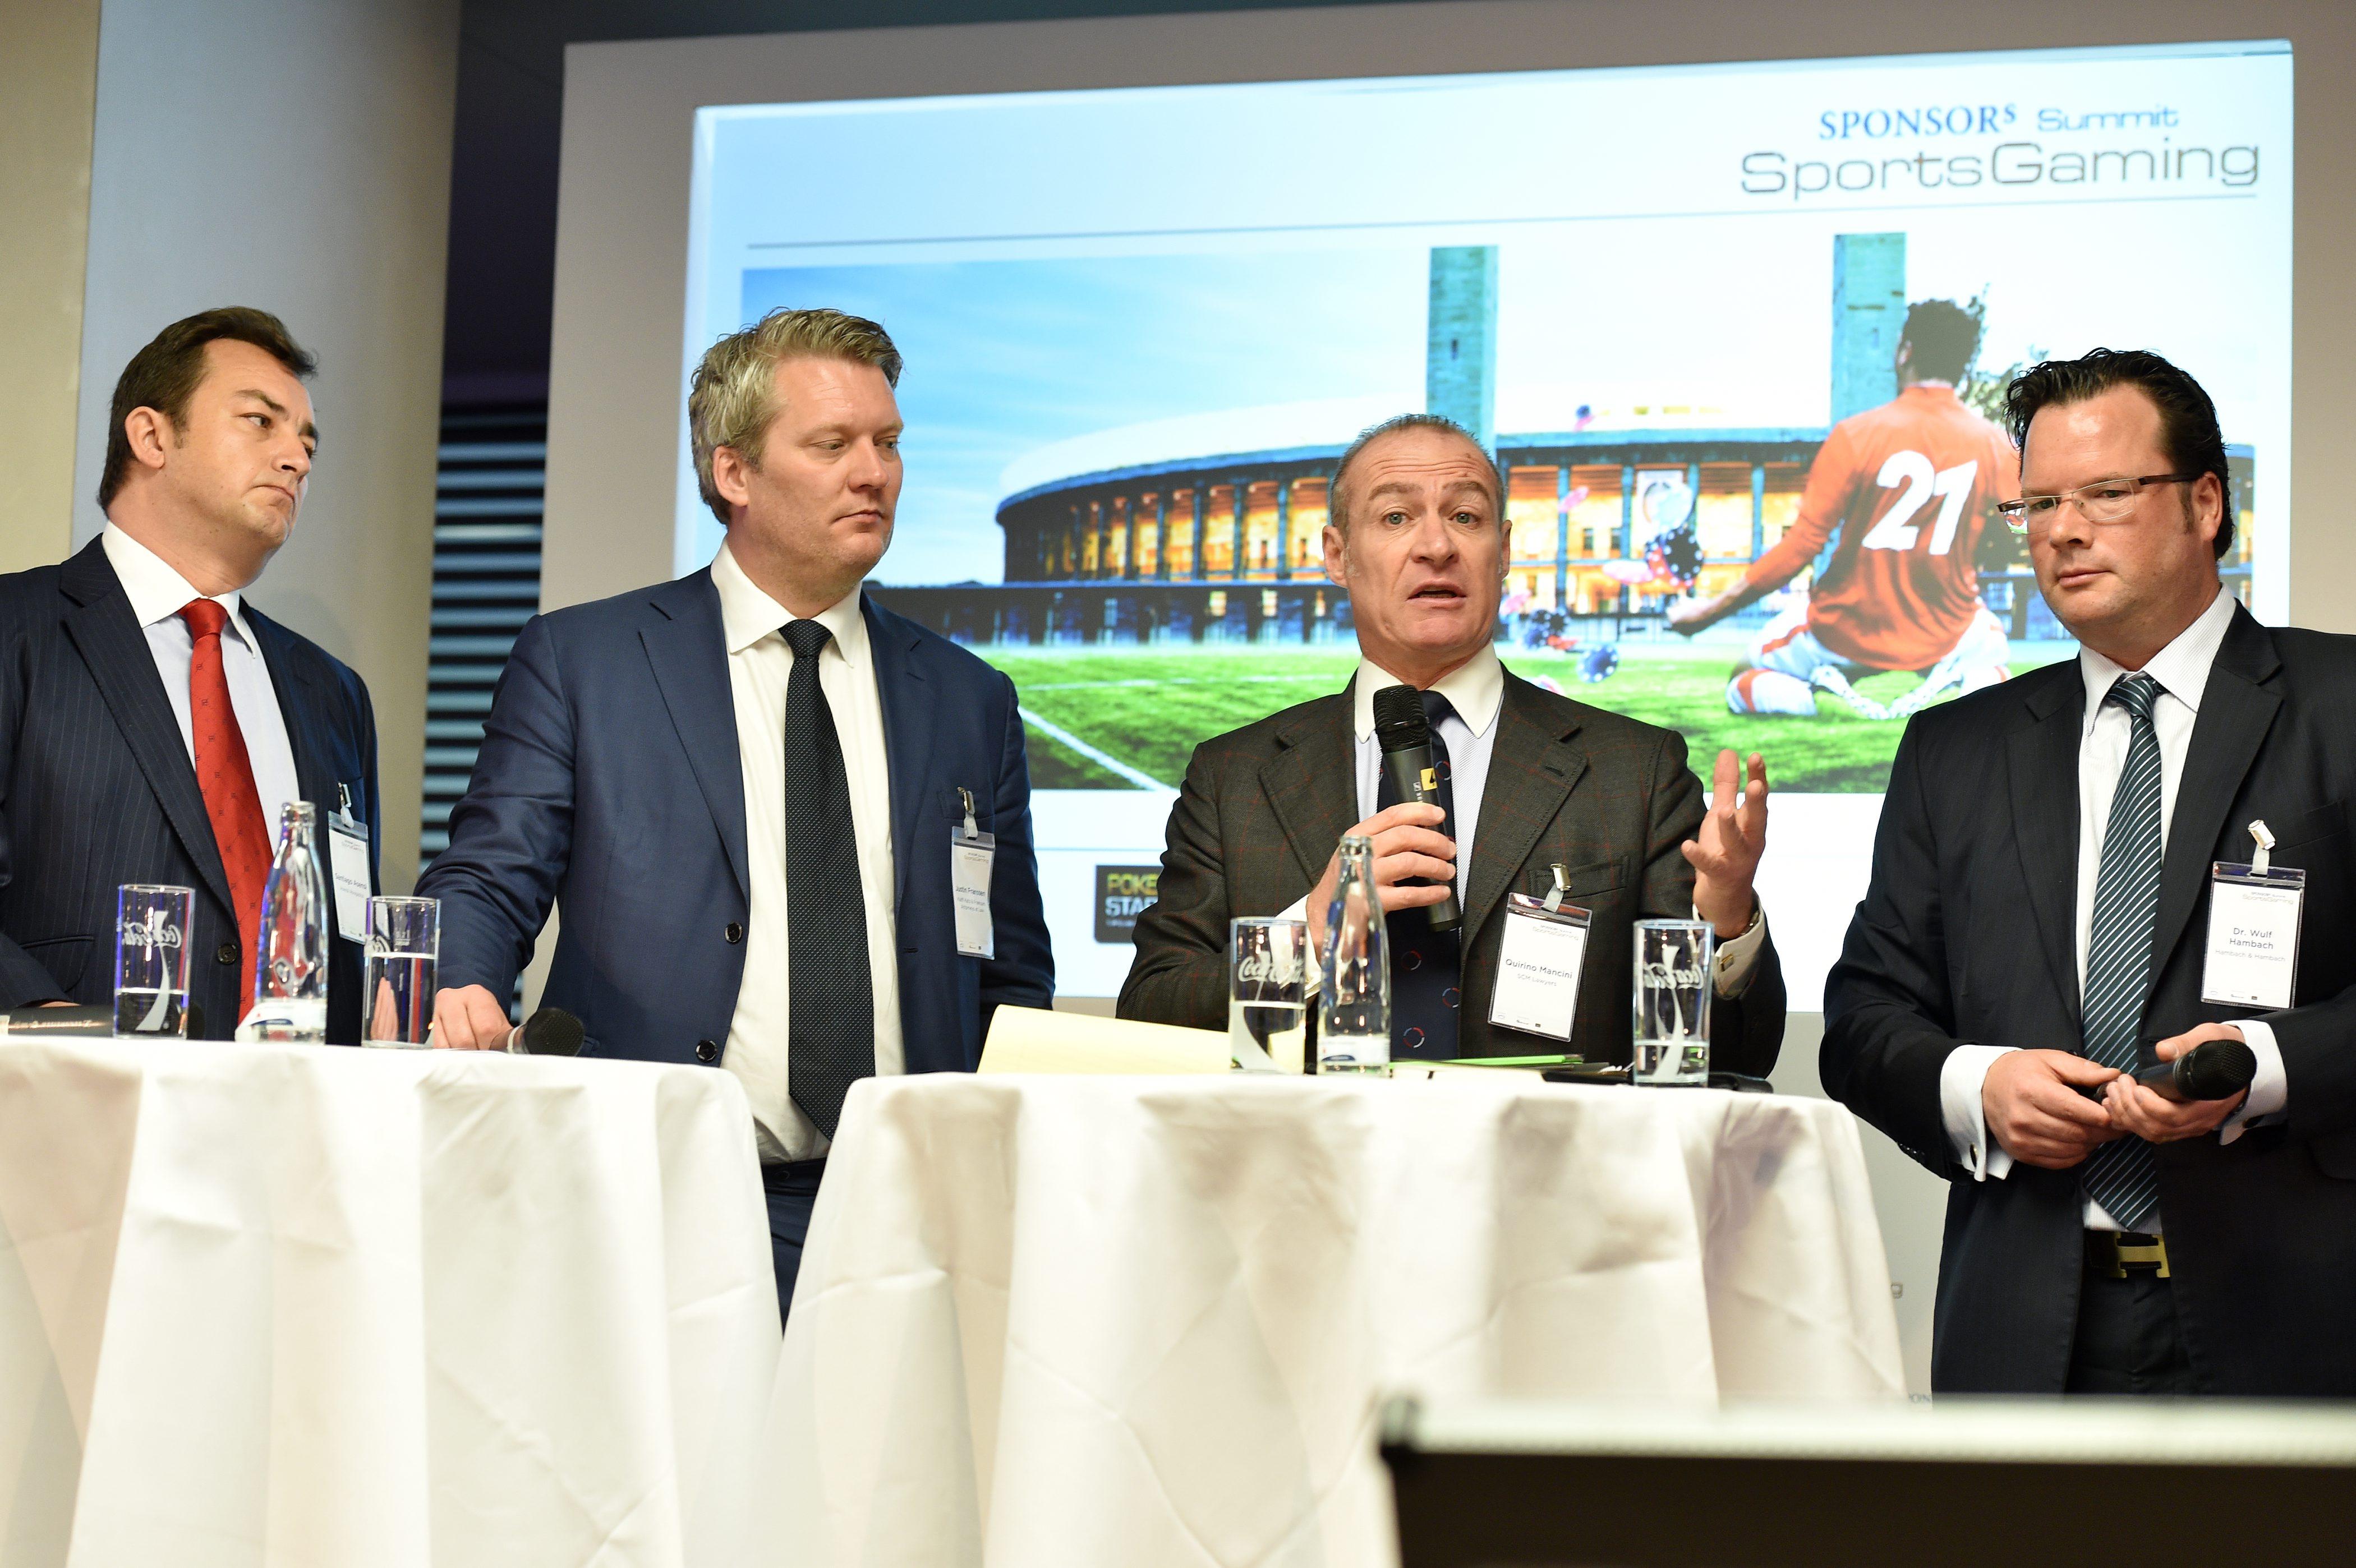 Sponsors Summit in Berlin